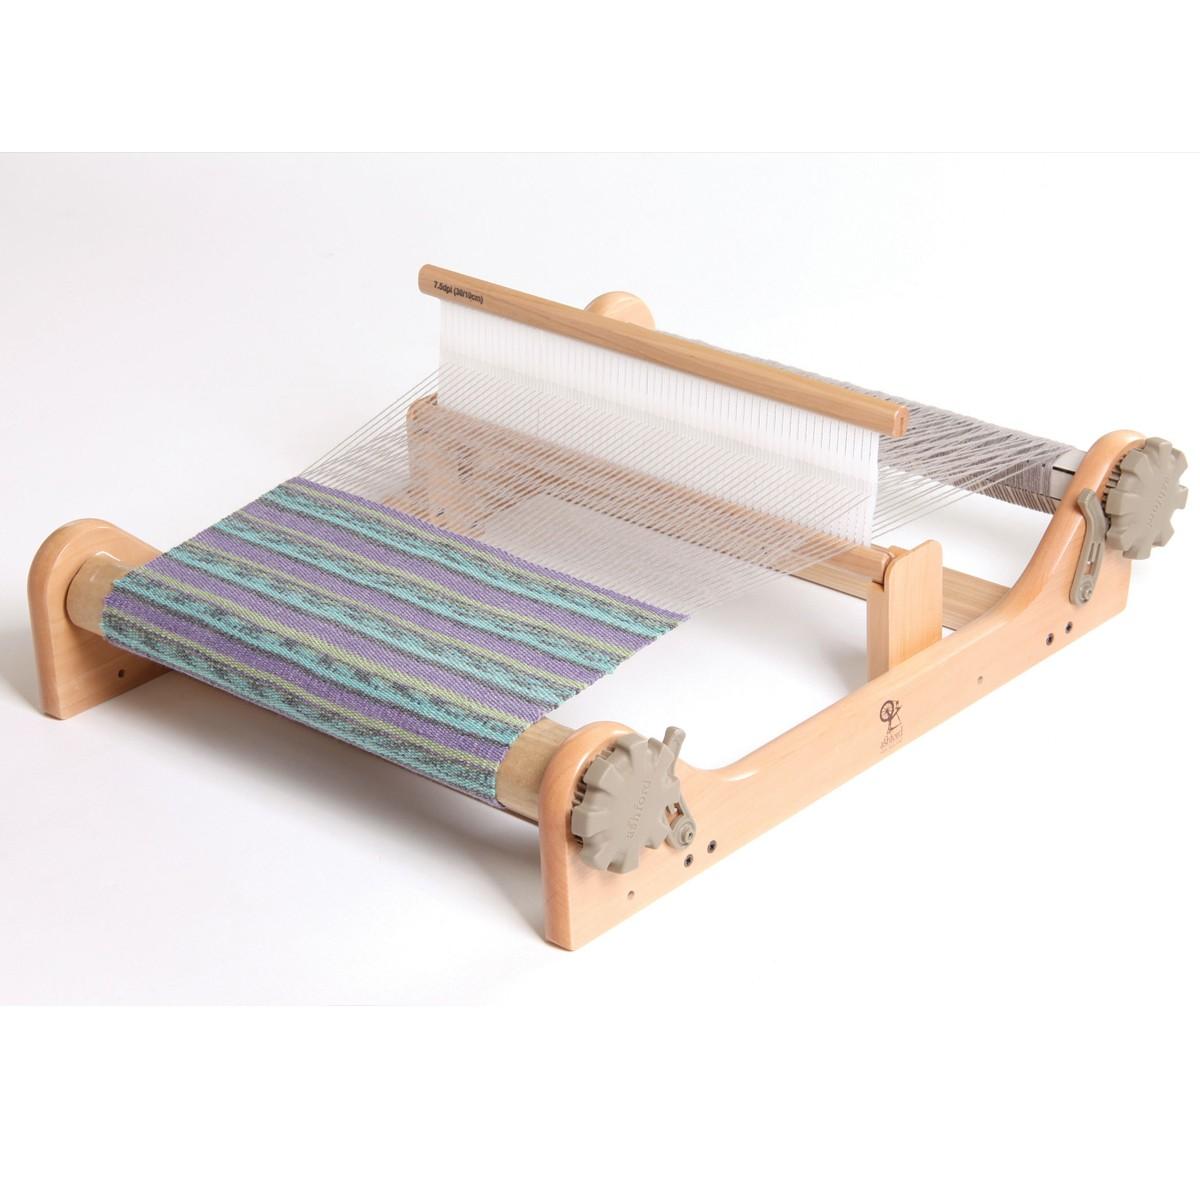 手織り機 リジッドヘドル 組立式 織幅40cm 【 機織り 手織り 織物 織り機 】